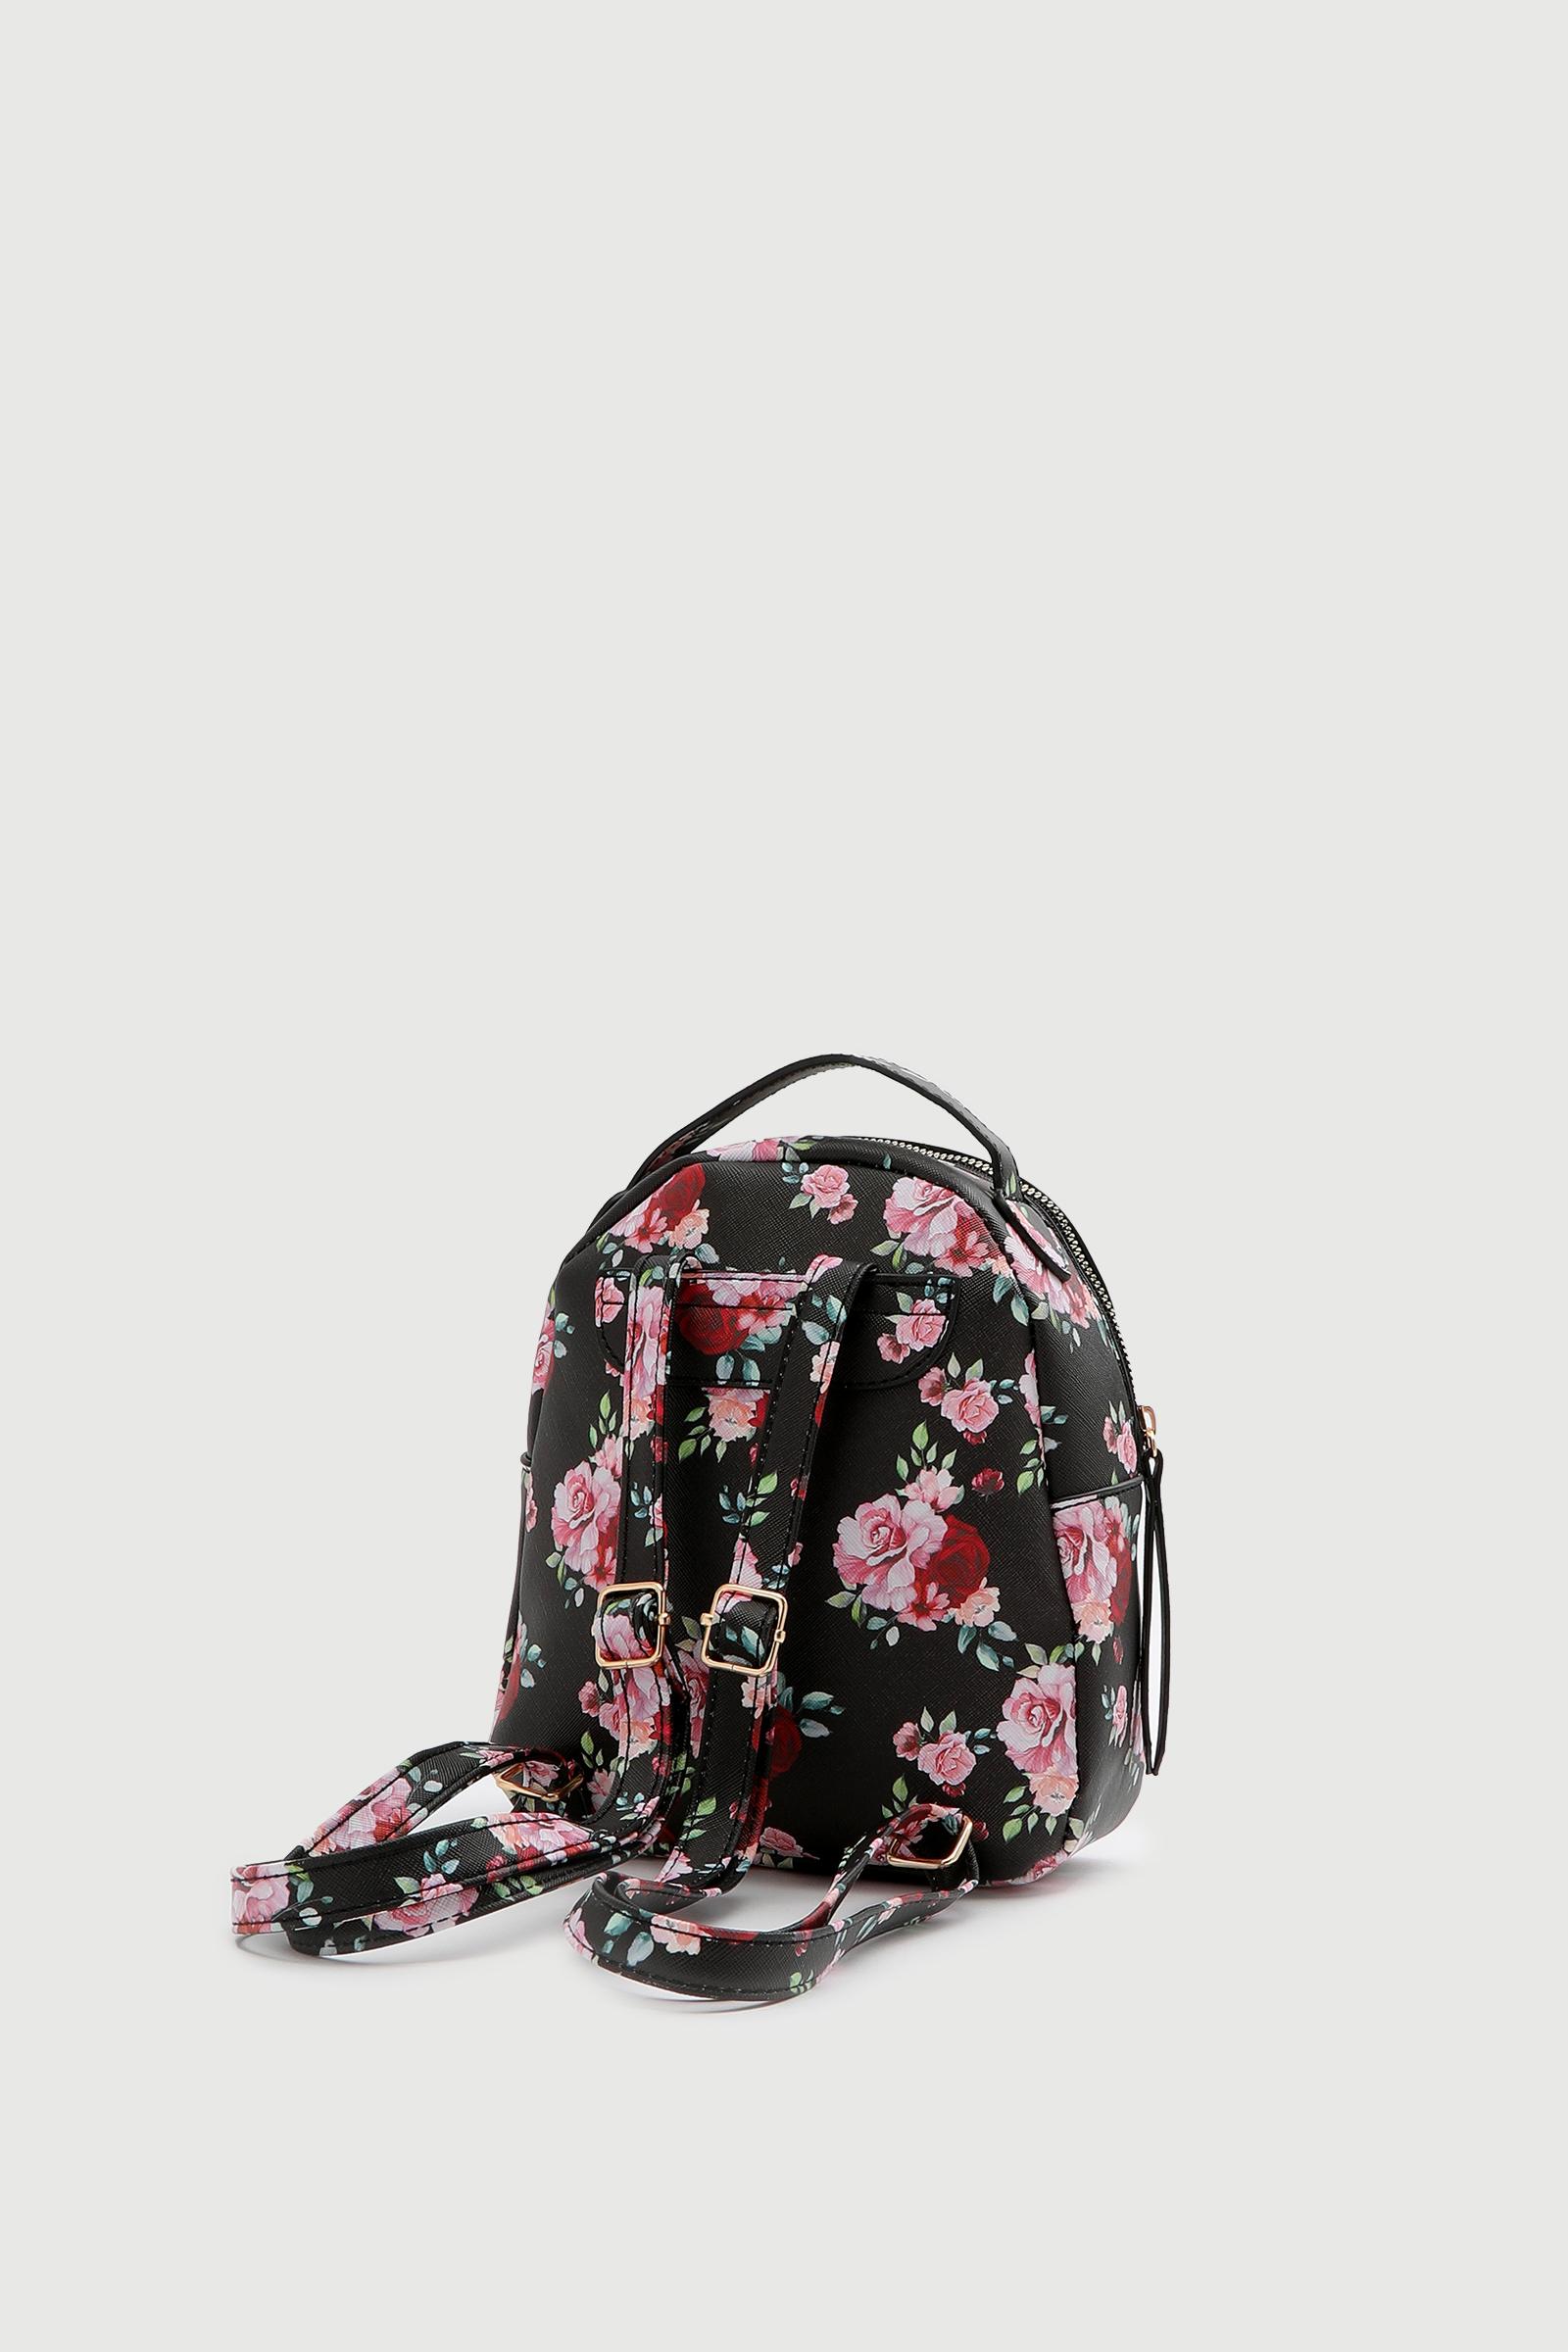 Basic Floral Backpack